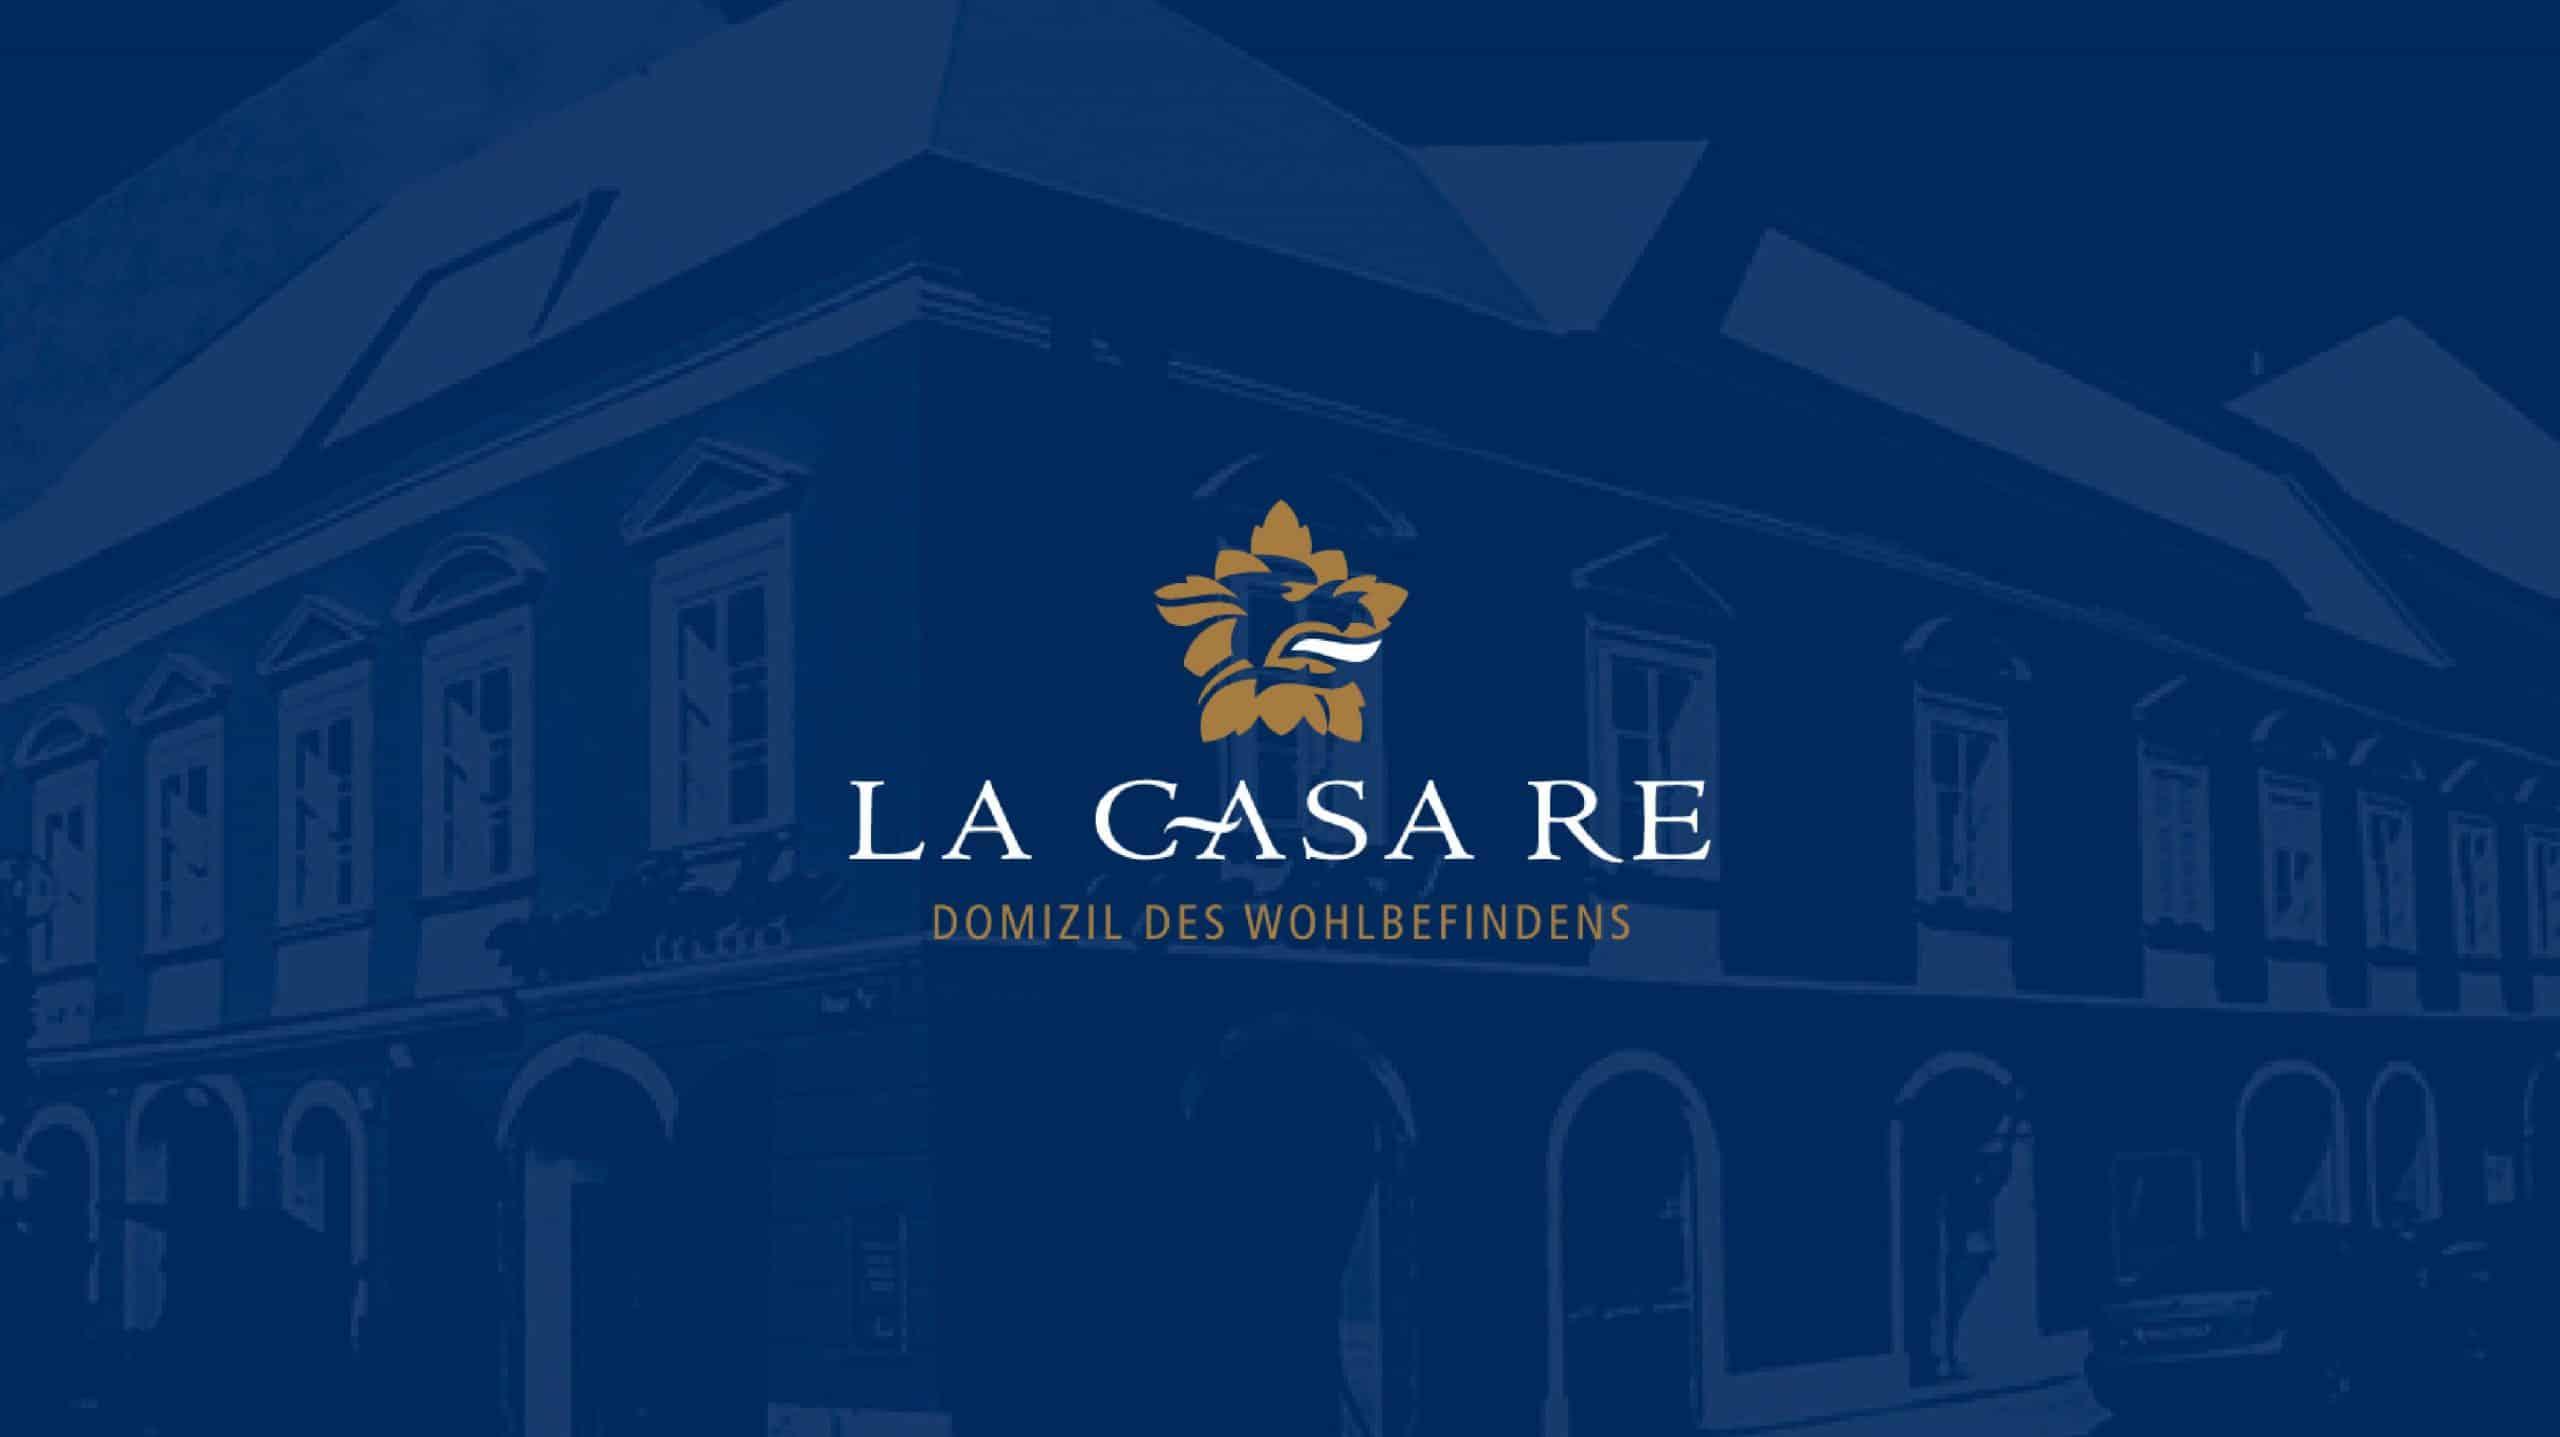 LaCasaRe_Aufbereitung_01